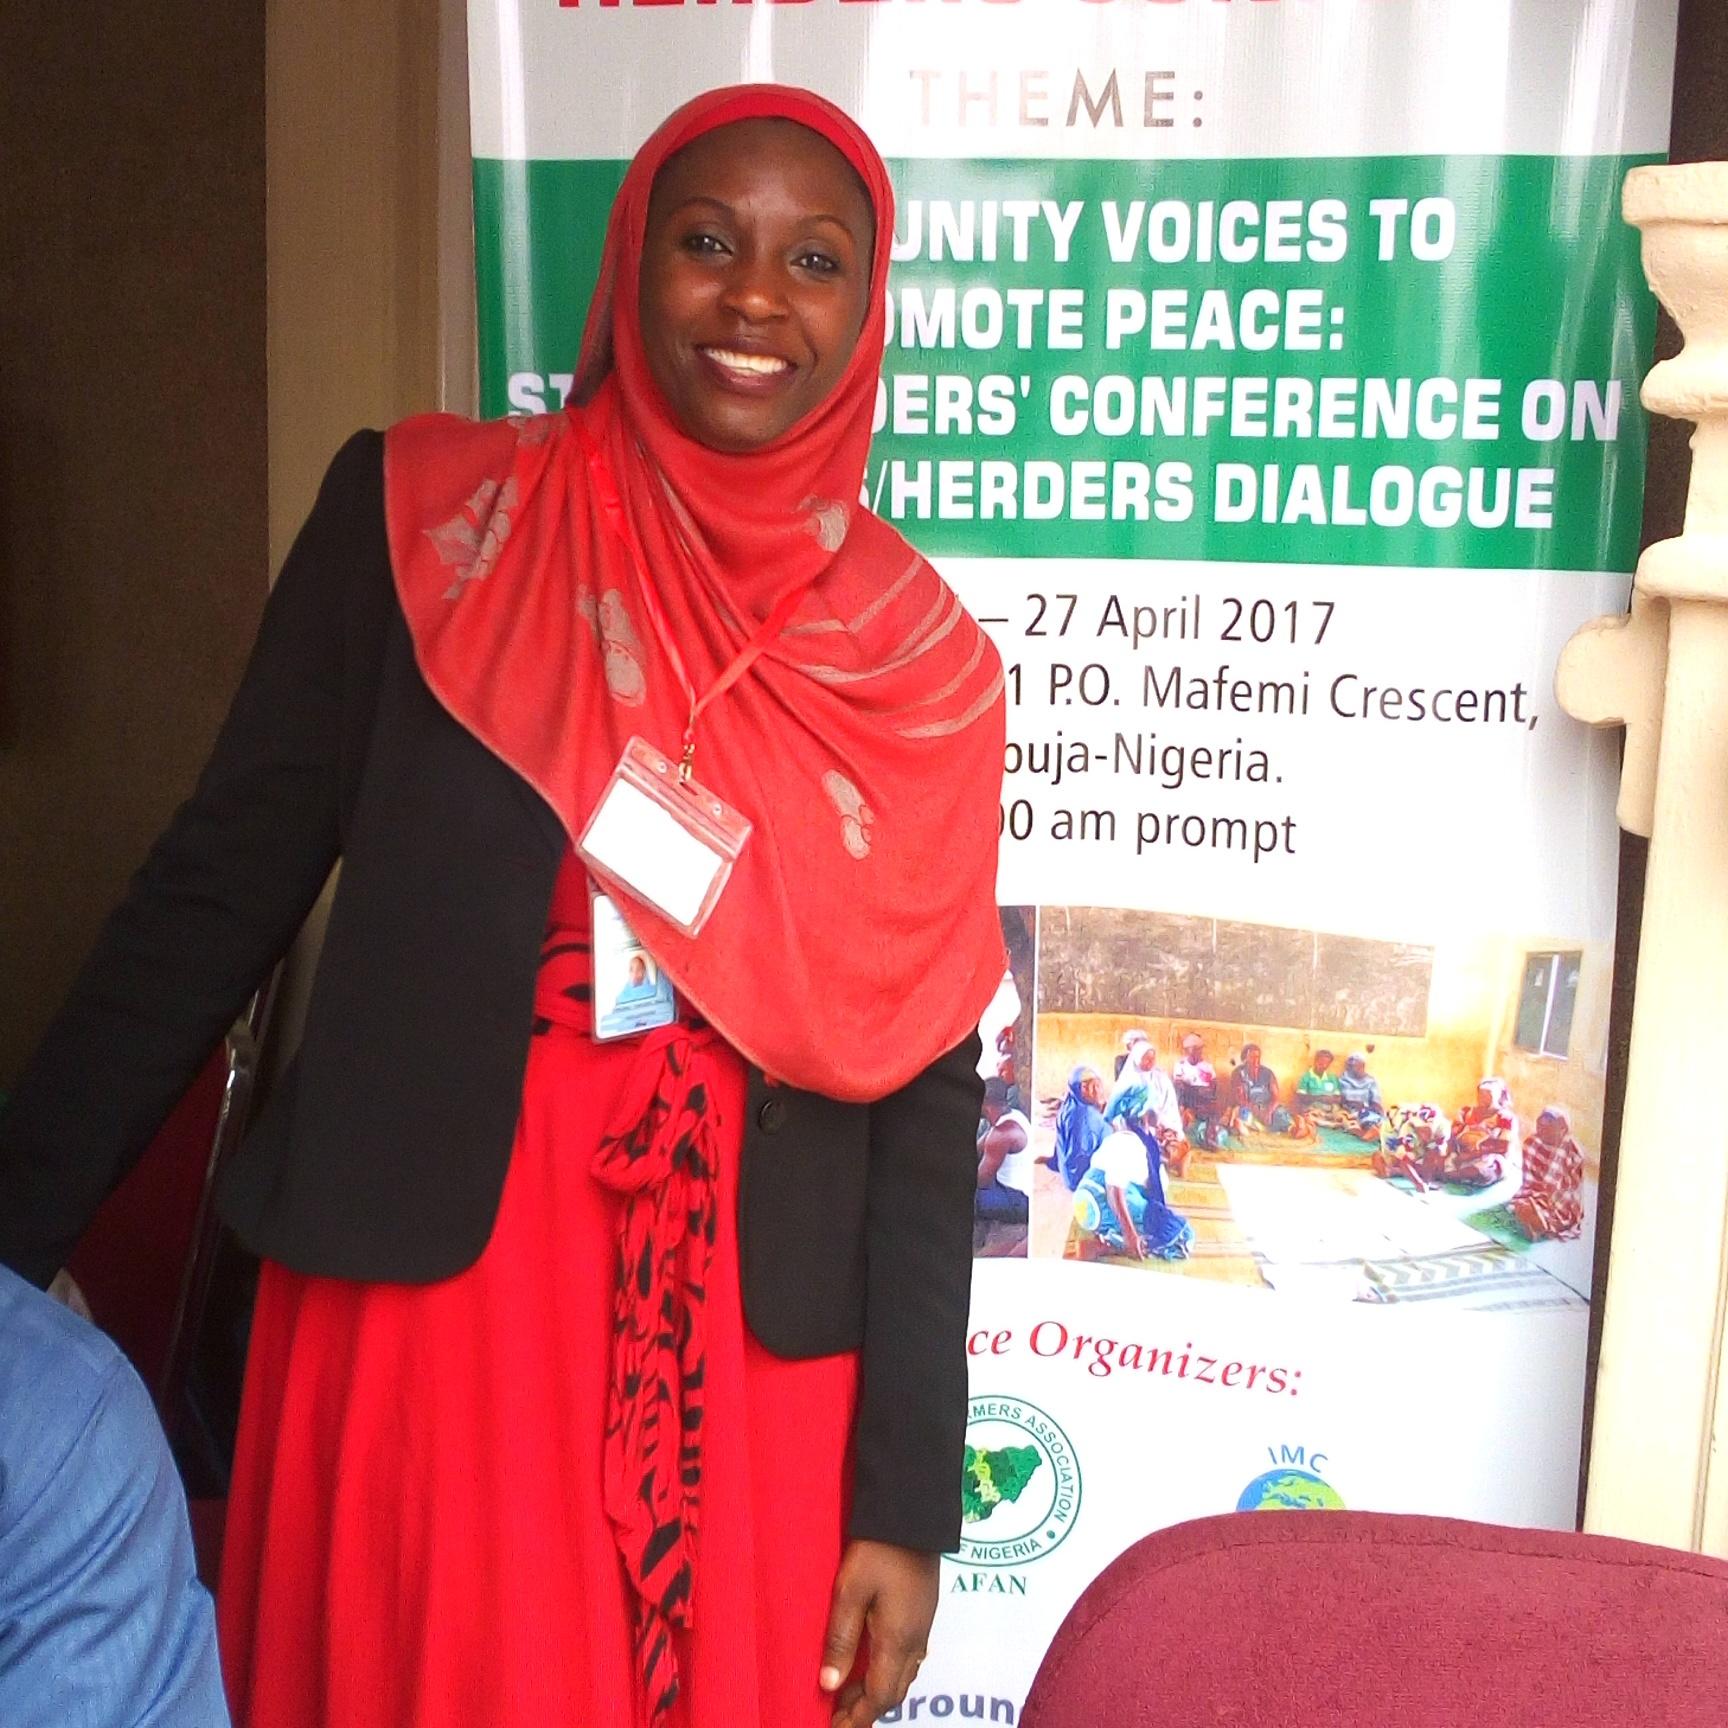 Hauwa Maaji, Volunteer. Phone: 08037007440. E-mail: hymaaji@yahoo.co.uk